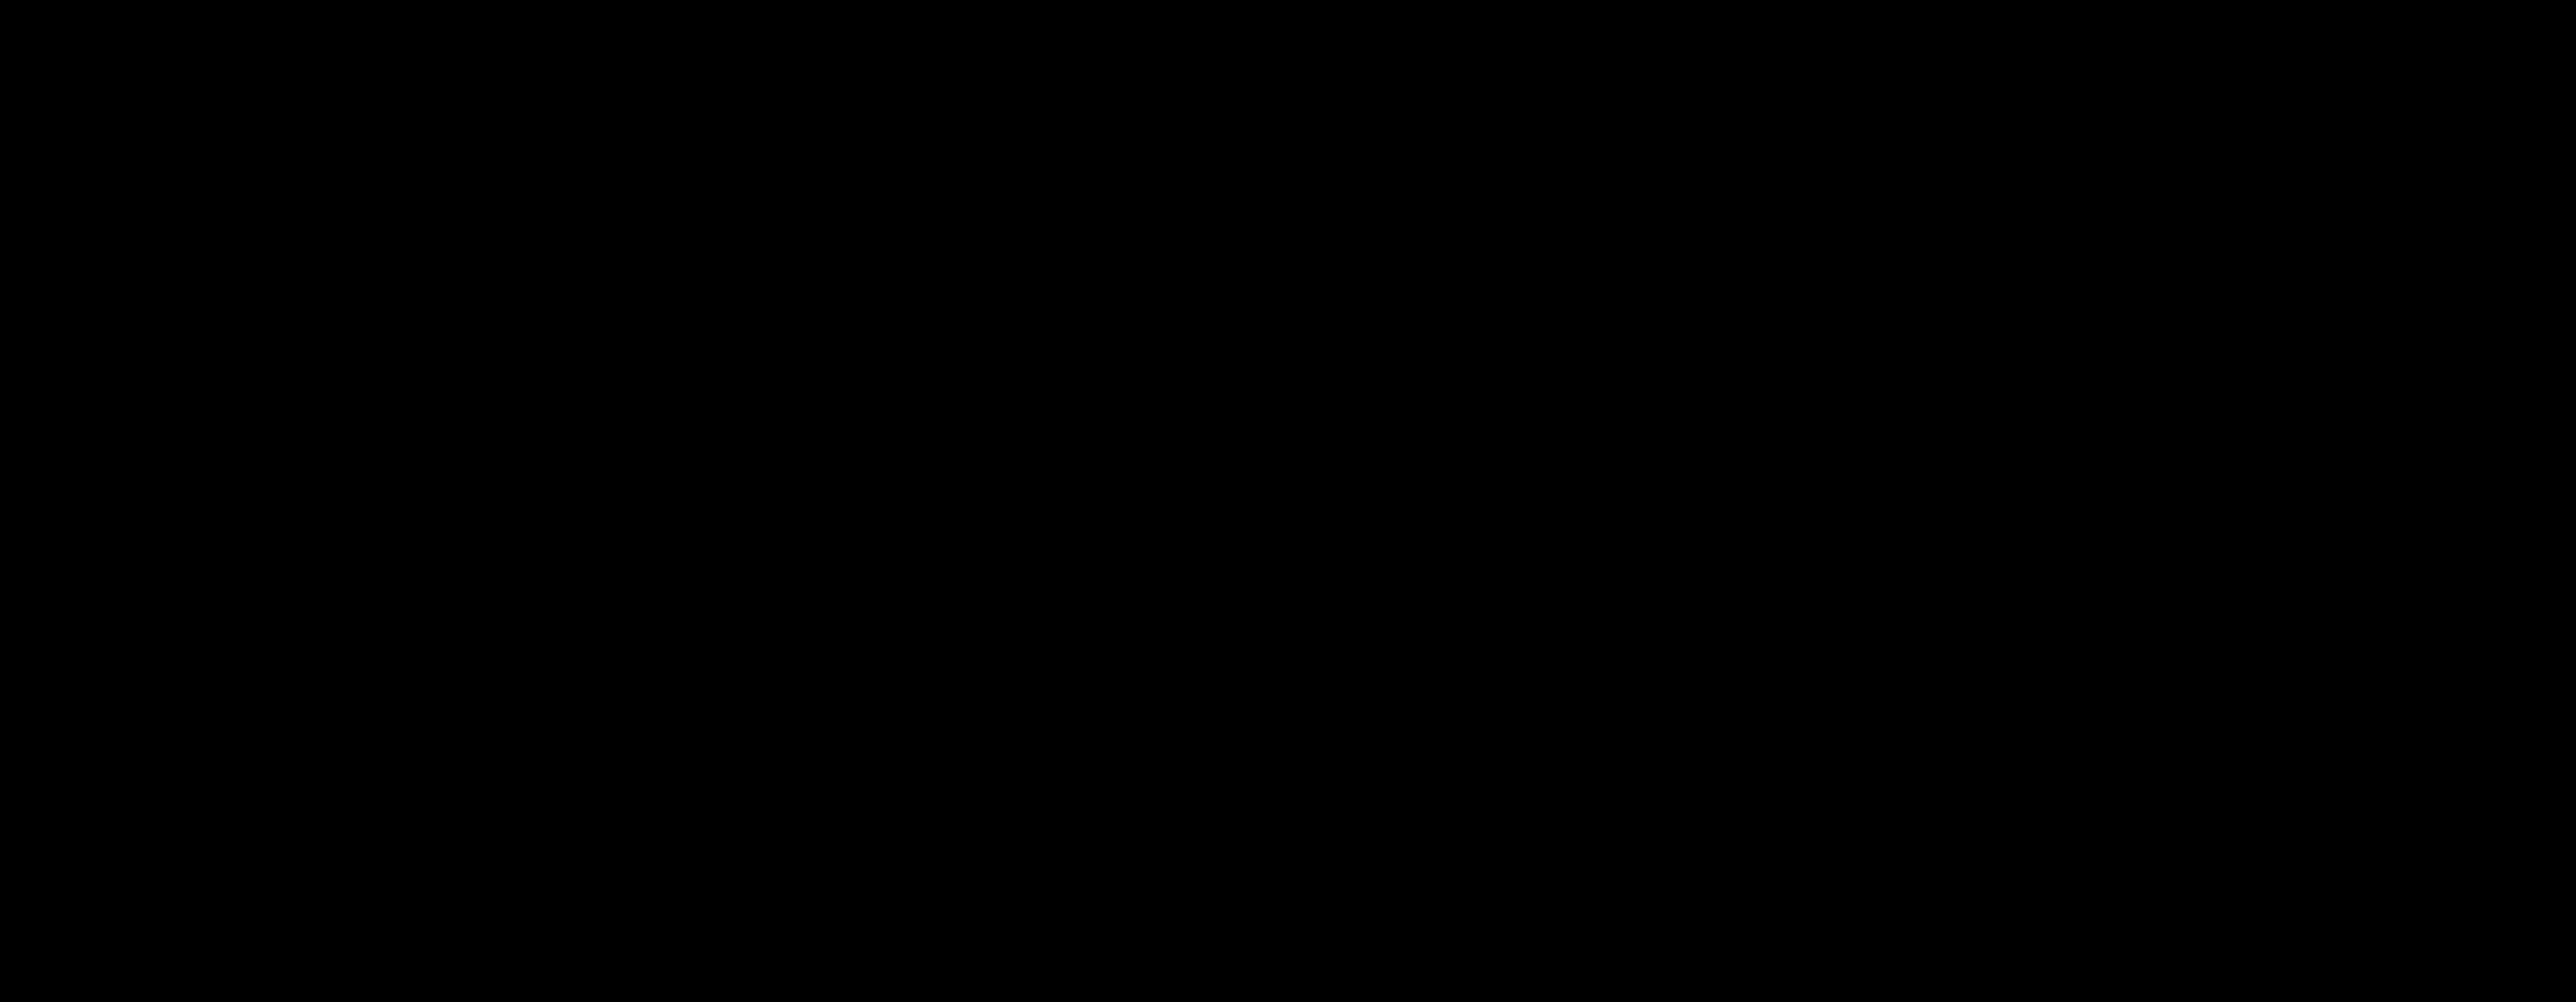 ambev logo 1 - Ambev Logo